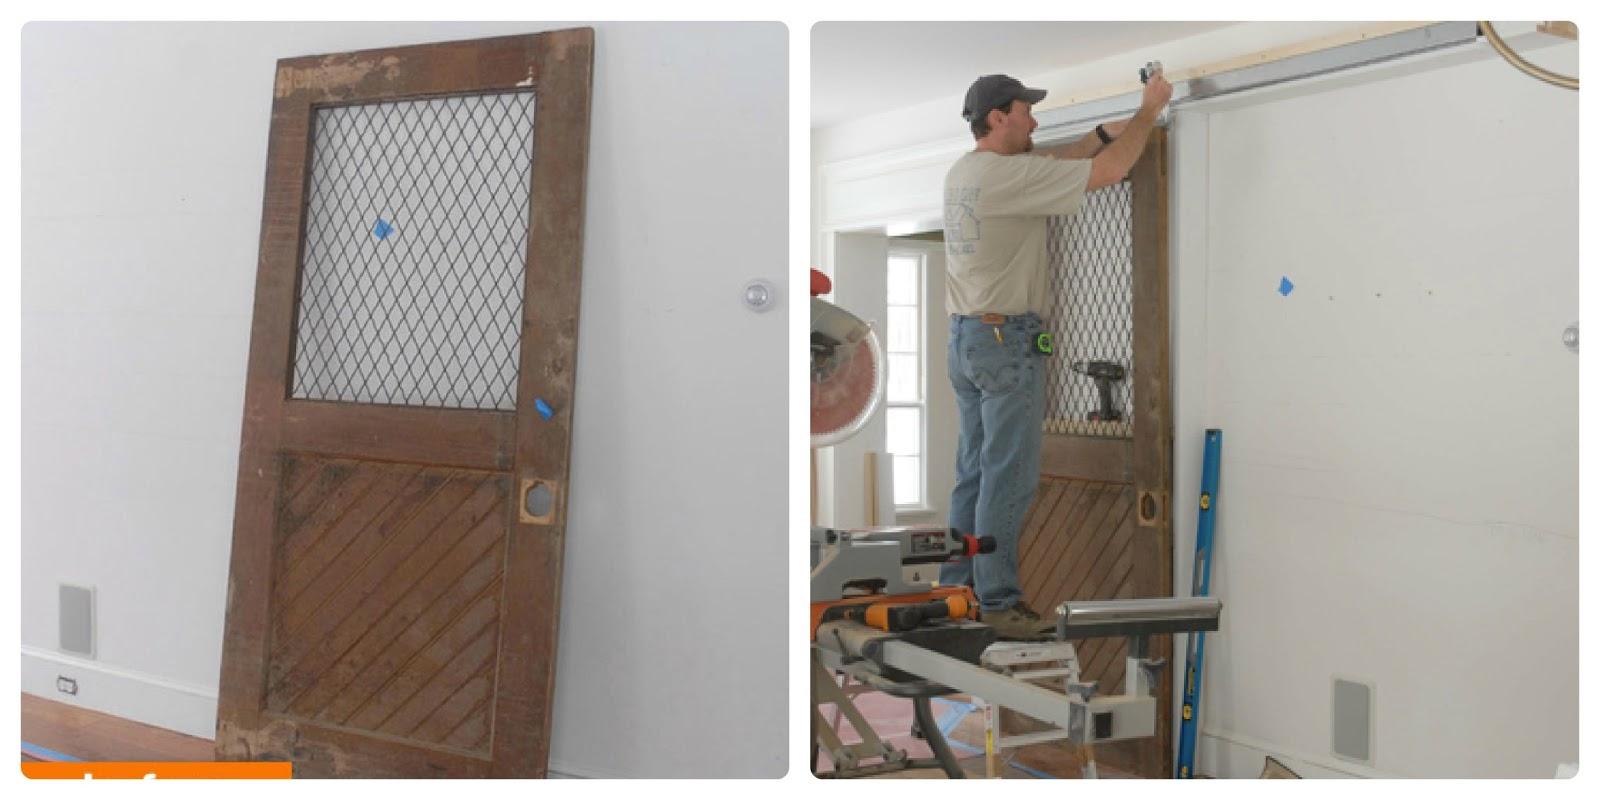 Eternamente flaneur reciclar una vieja puerta for Puertas para reciclar